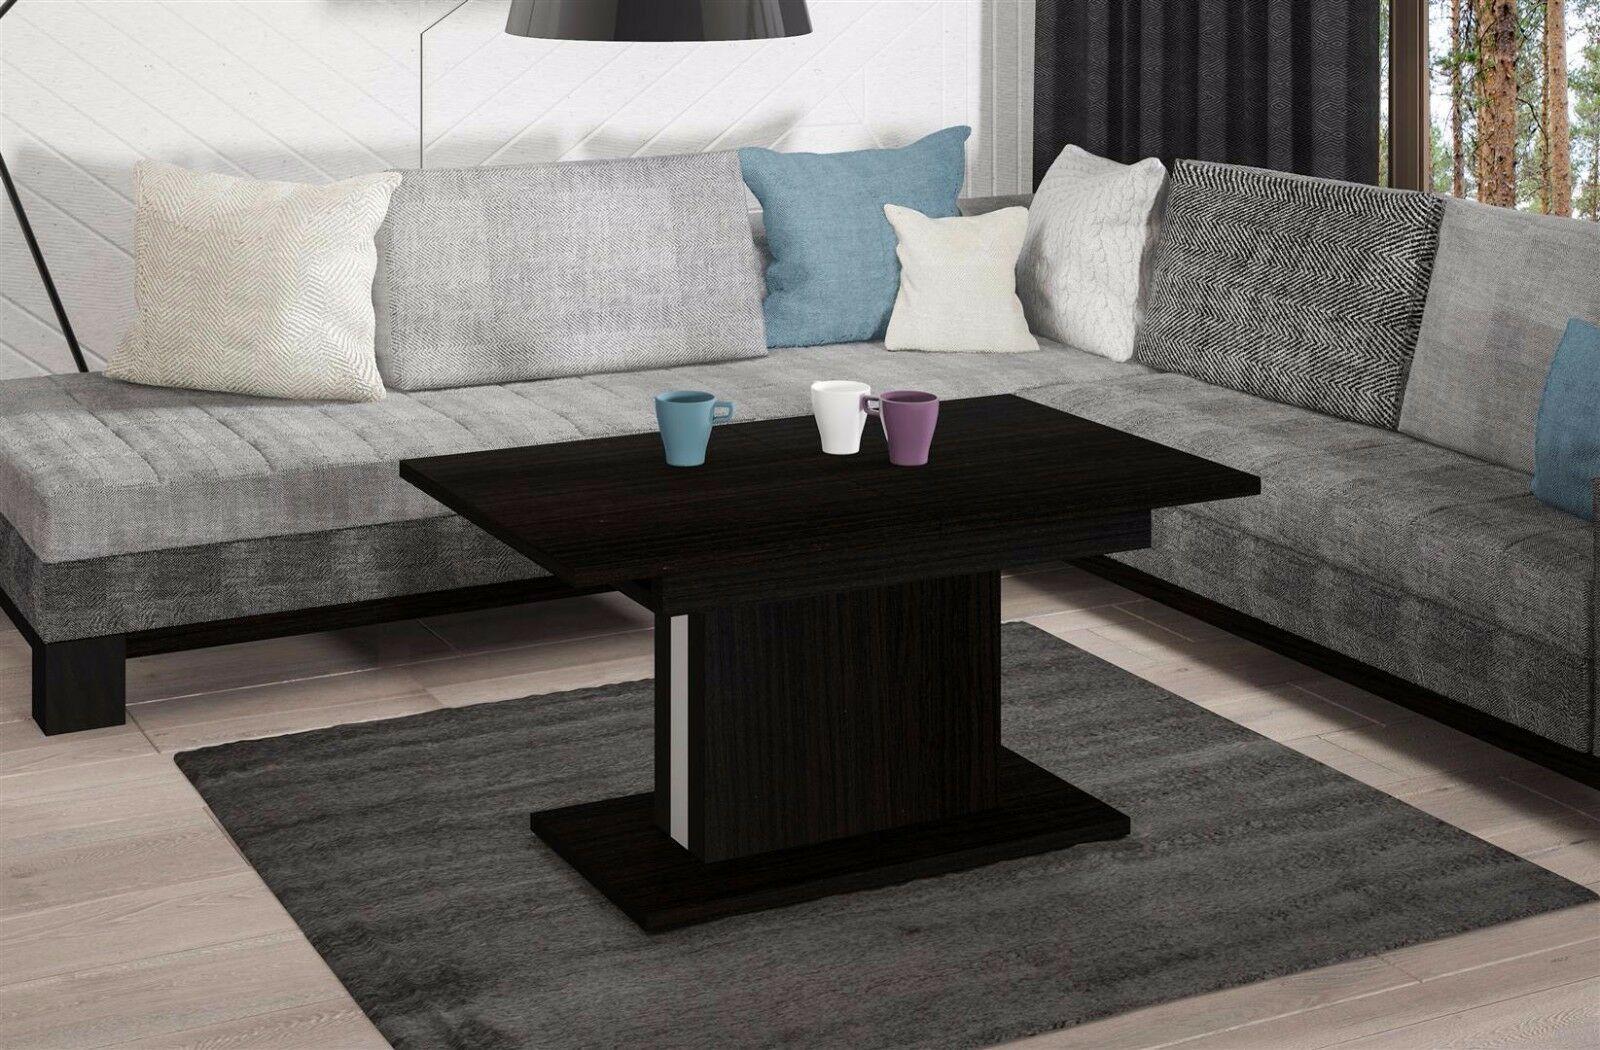 Couchtisch design modern interior industrial style couch for Couchtisch modern rund